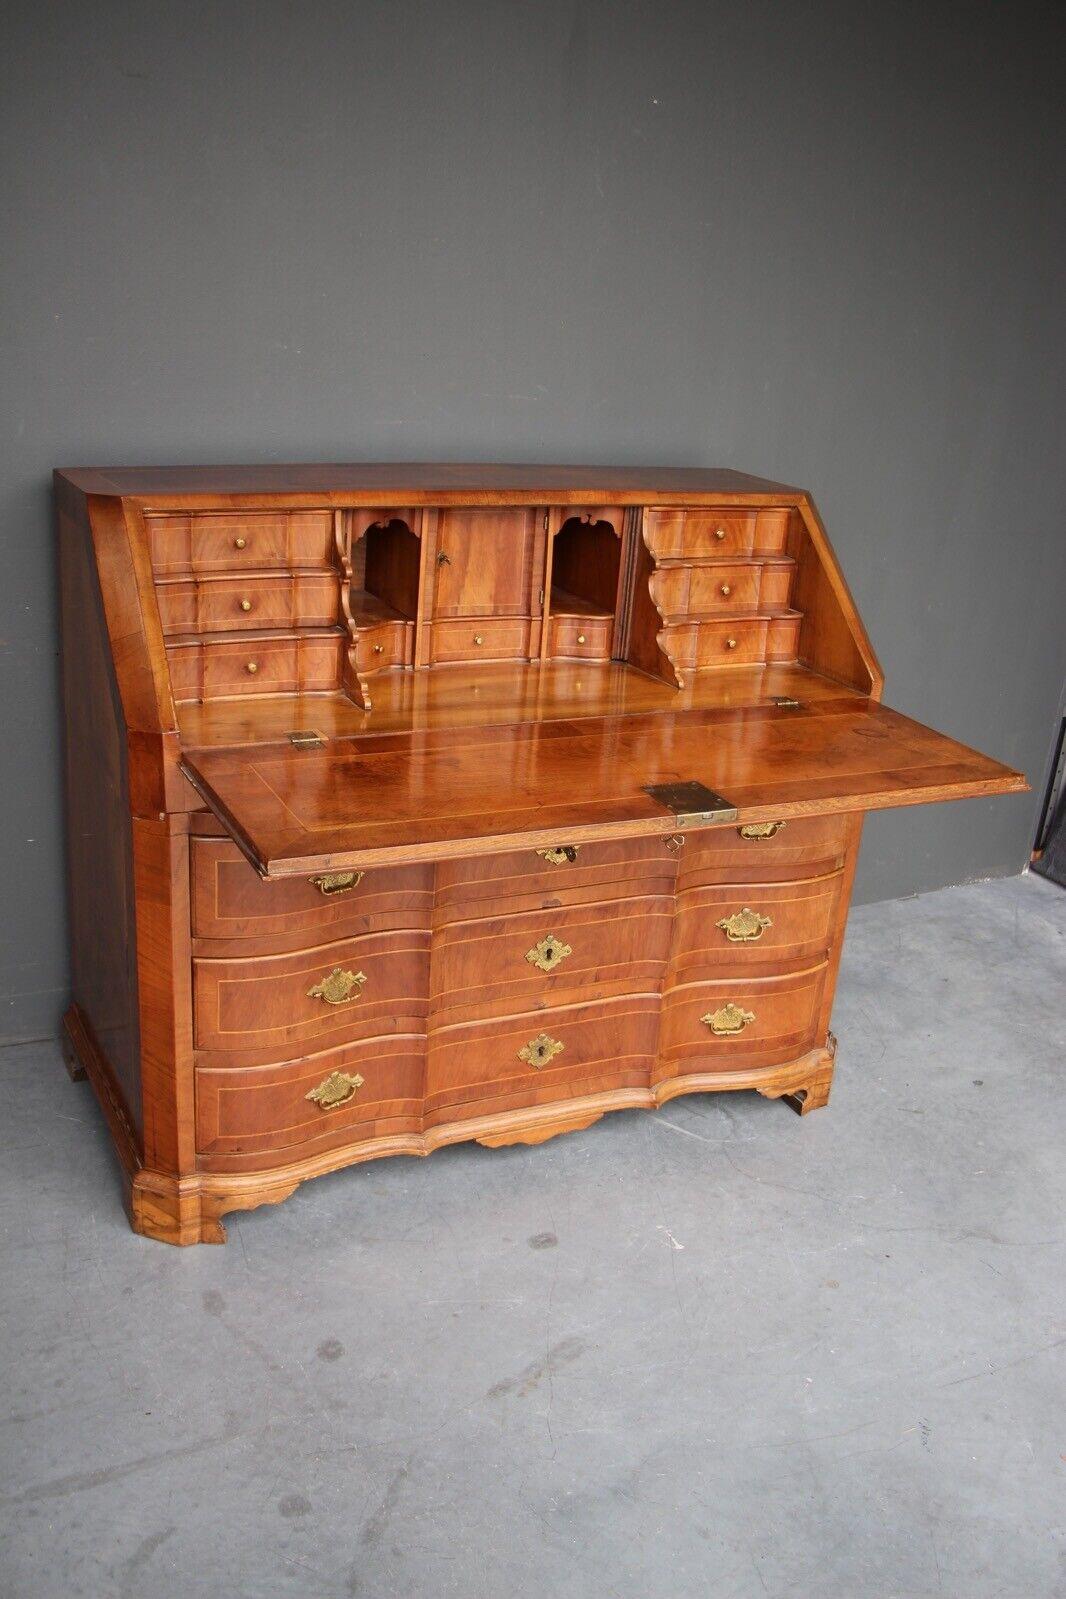 Rare antique 18th century European baroque walnut inlaid secretaire bureau desk 3